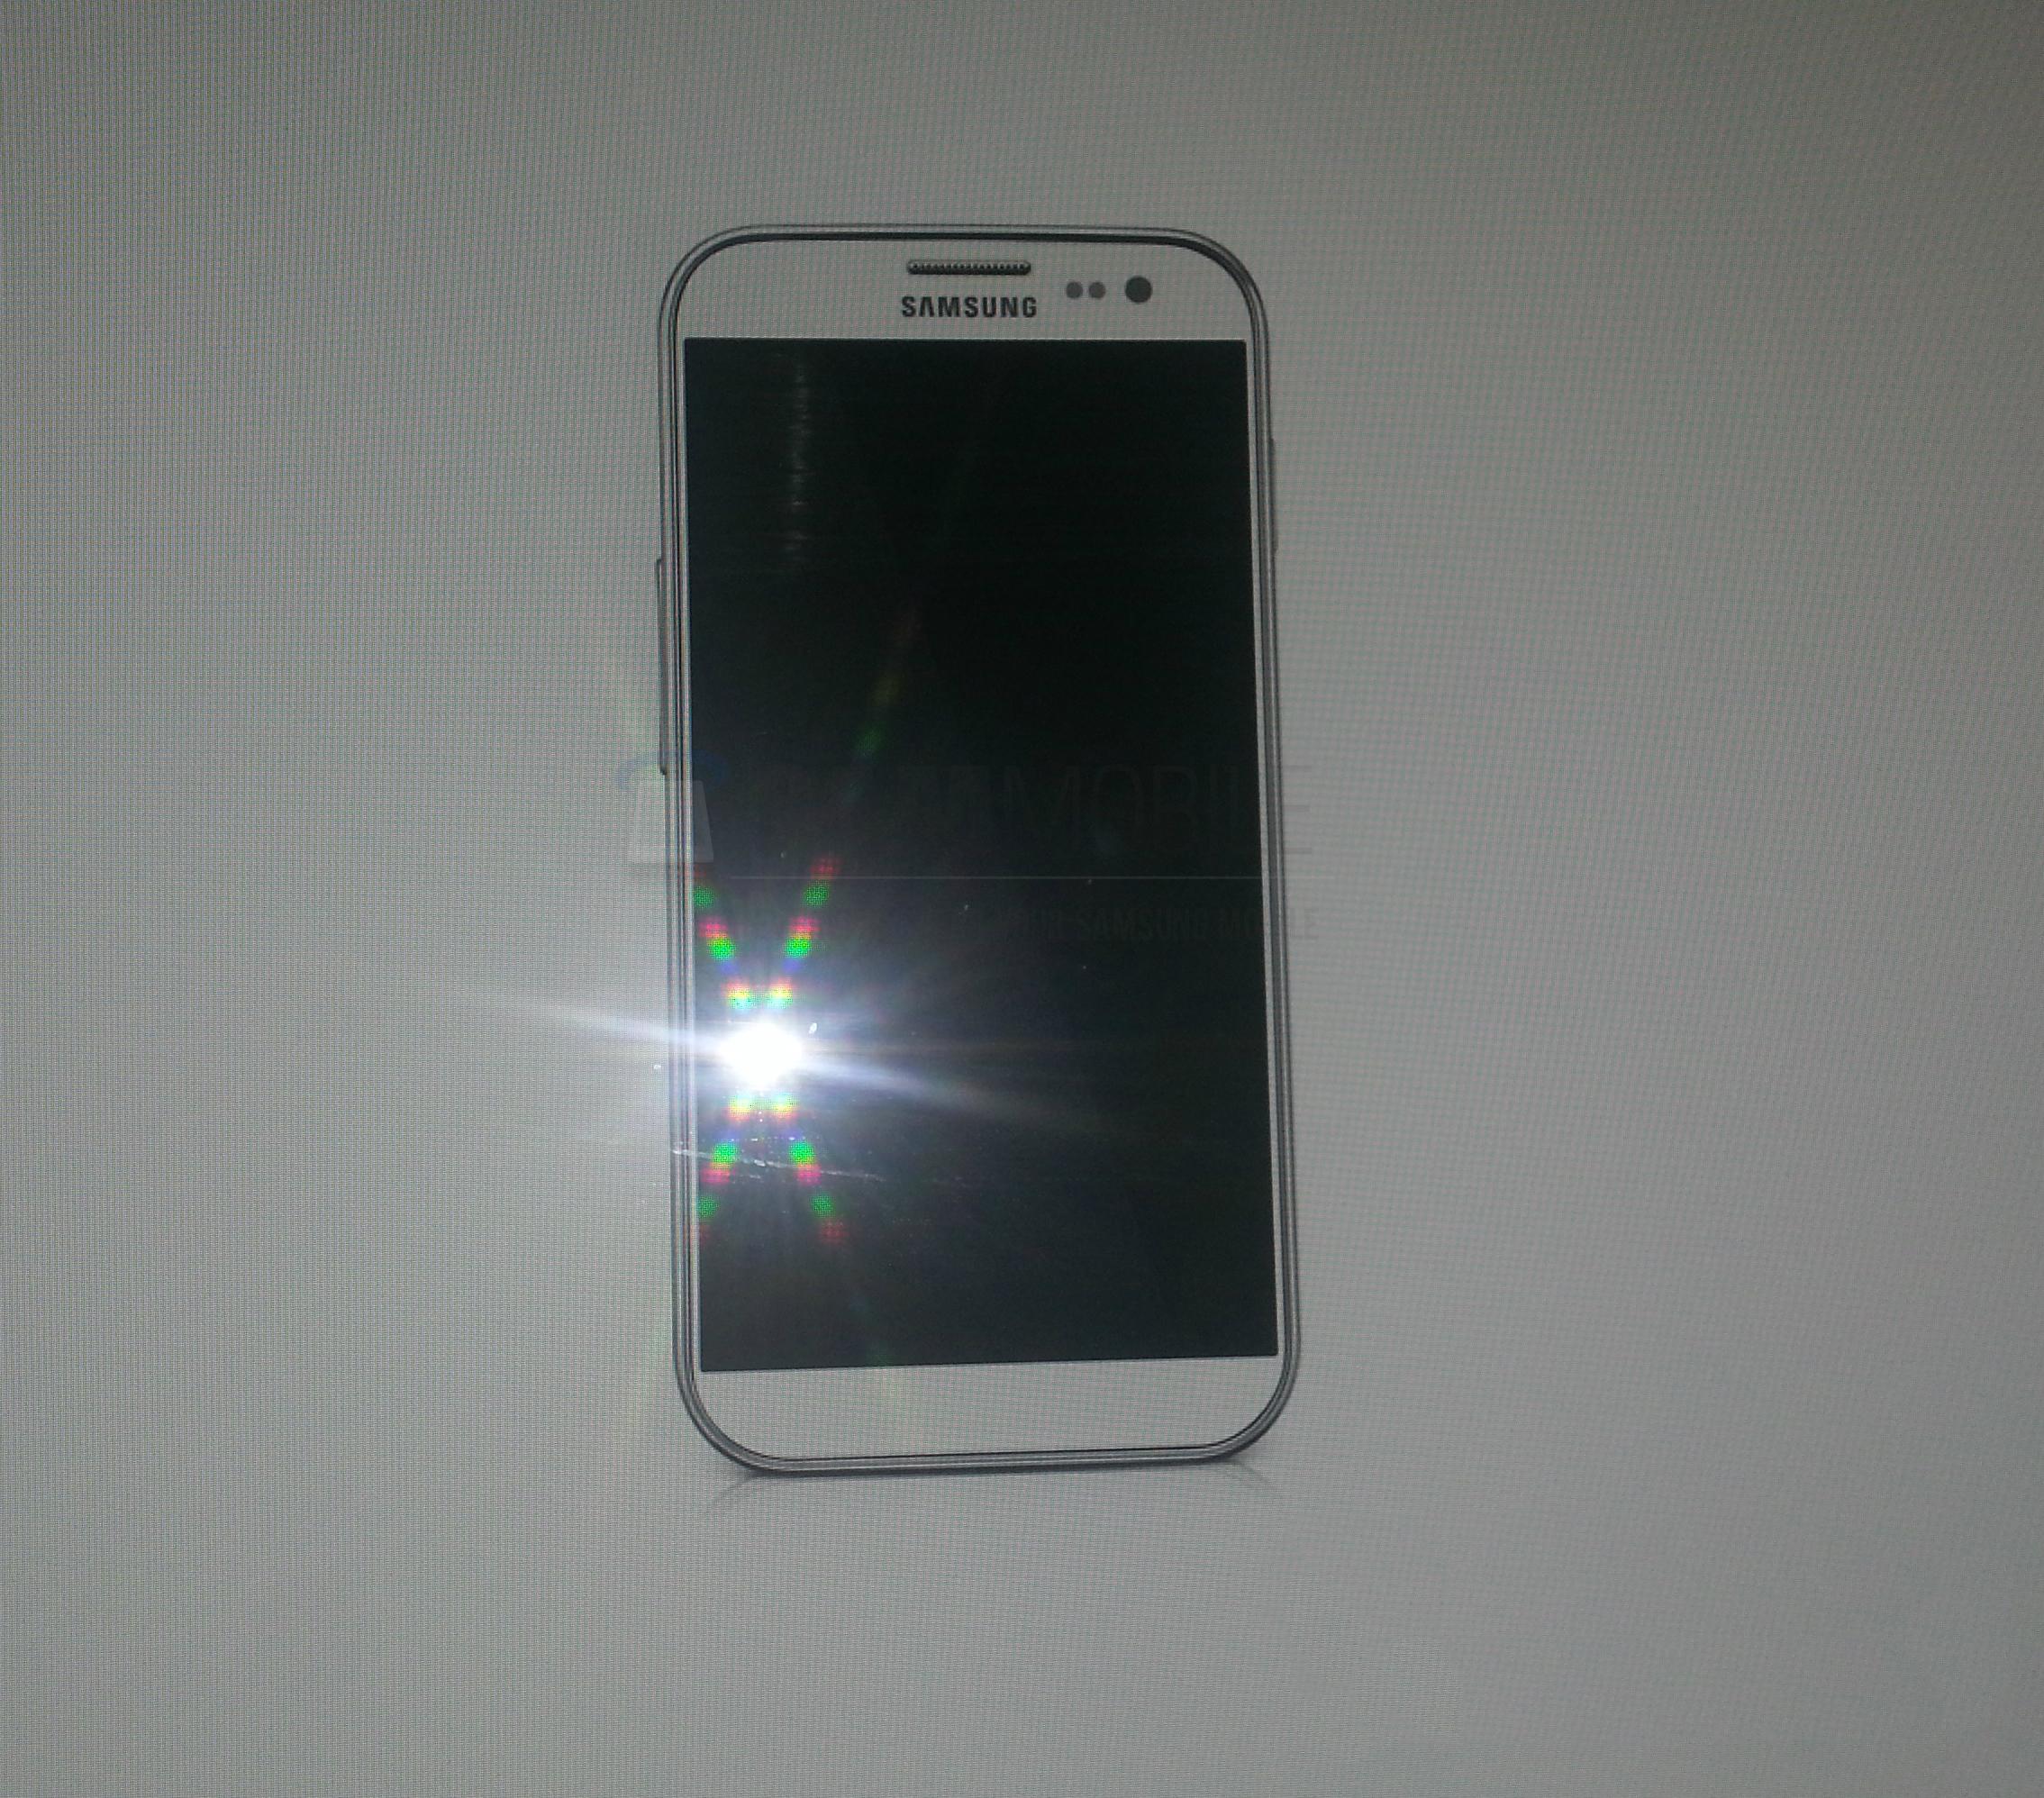 Samsung Galaxy S4 será anunciado dia 14 de março